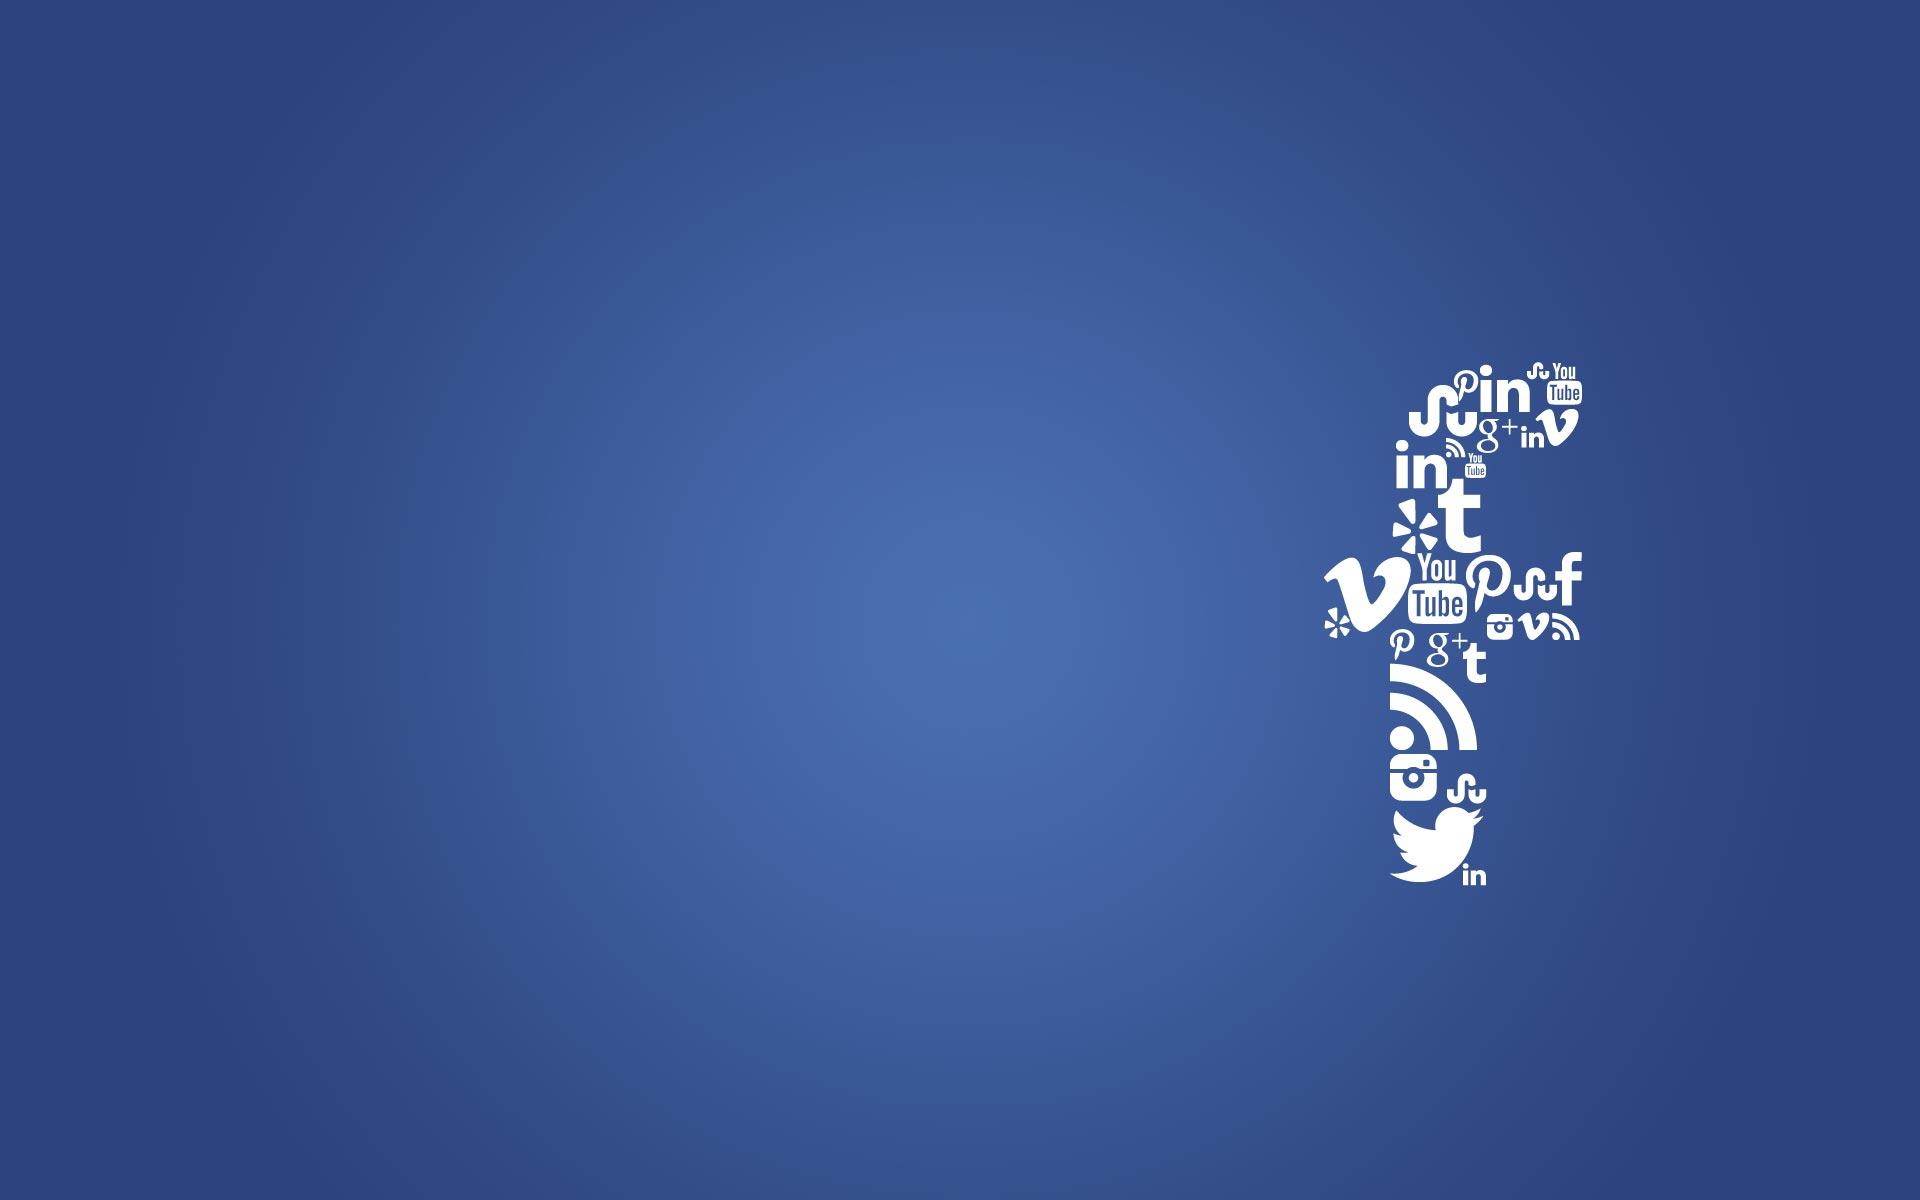 اسرار وحيل الاعلانات في فيسبوك